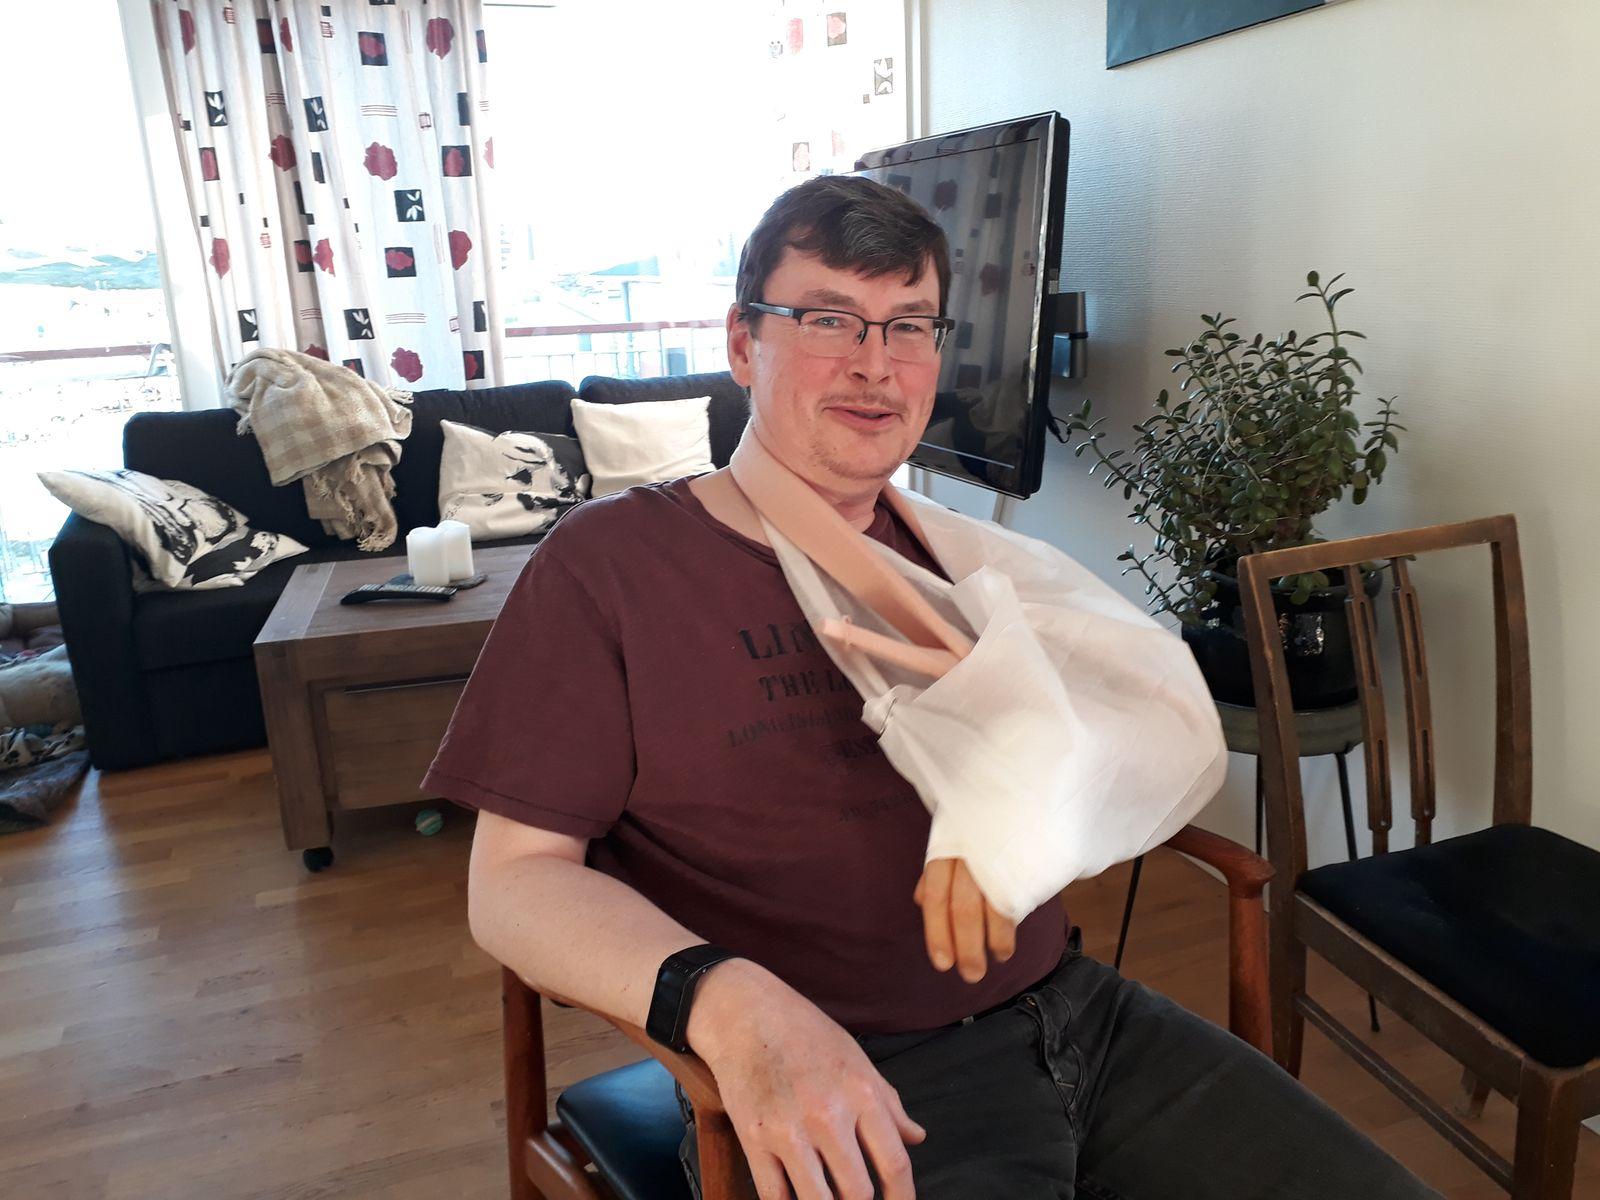 Armen var blokket for operation og begyndte at vågne igen